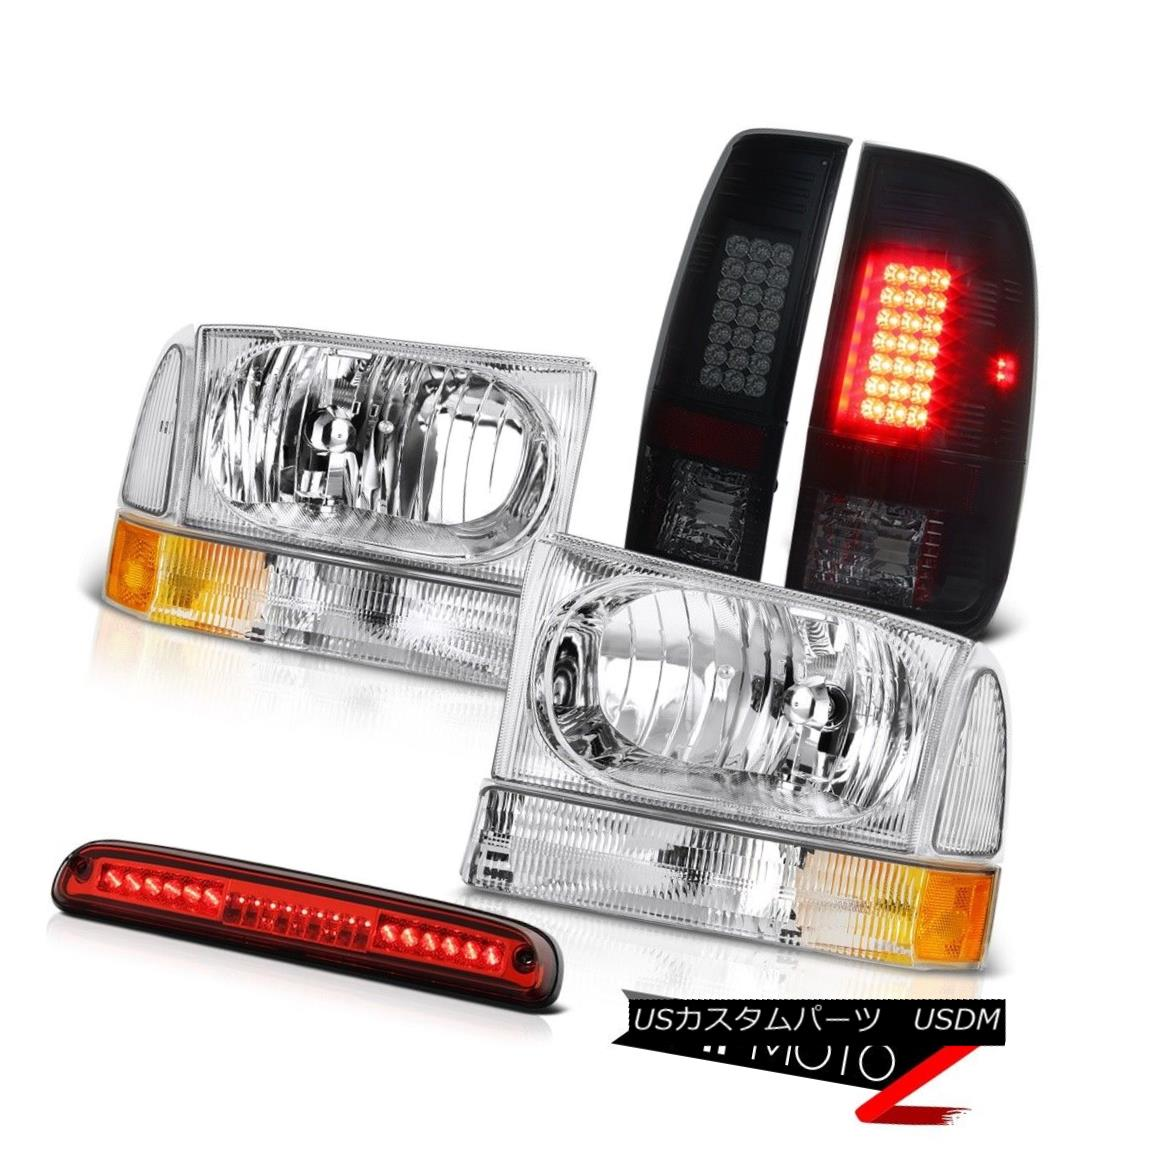 テールライト Euro Headlight Smoke LED TailLight Lamps 3rd Brake Red 1999-2004 F350 King Ranch ユーロヘッドライト煙LEDテールライトランプ第3ブレーキ赤1999-2004 F350キングランチ